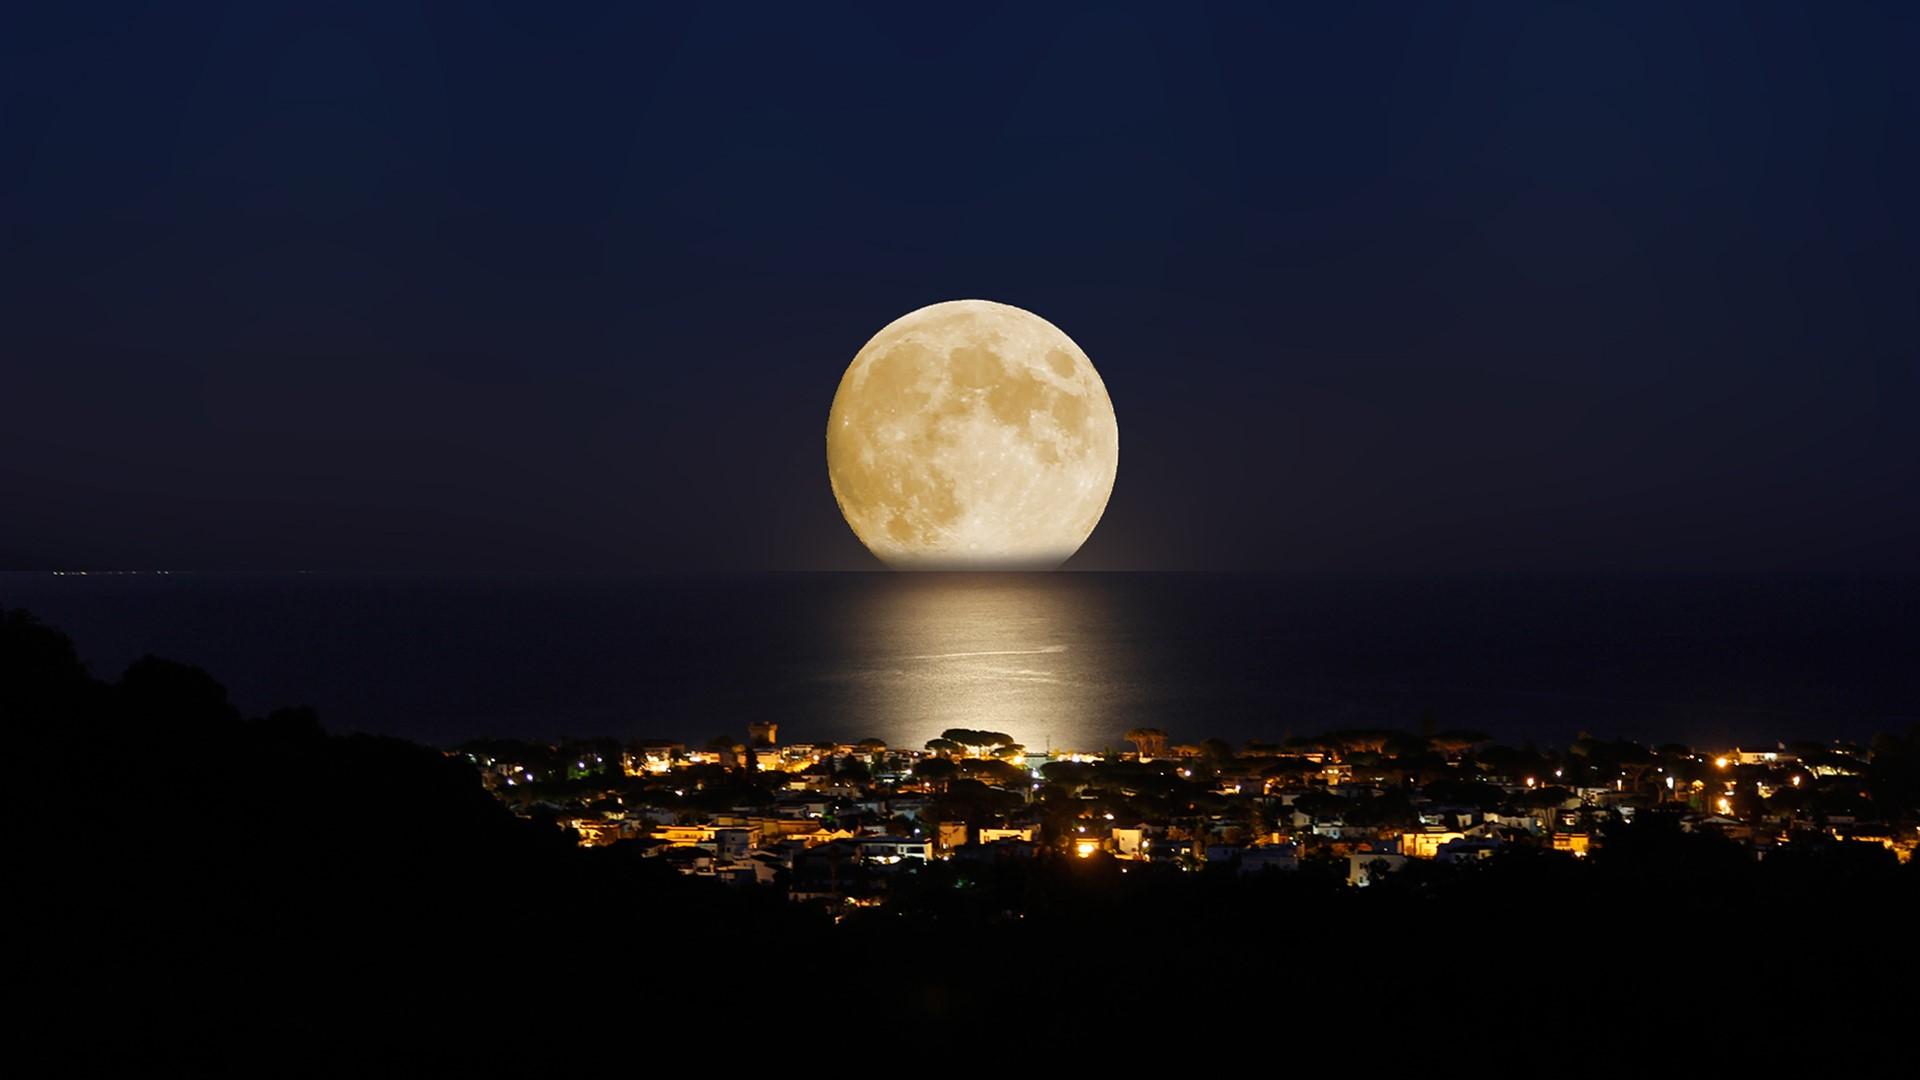 приходилось доброй ночи с луной фото картинки боль уходила, когда